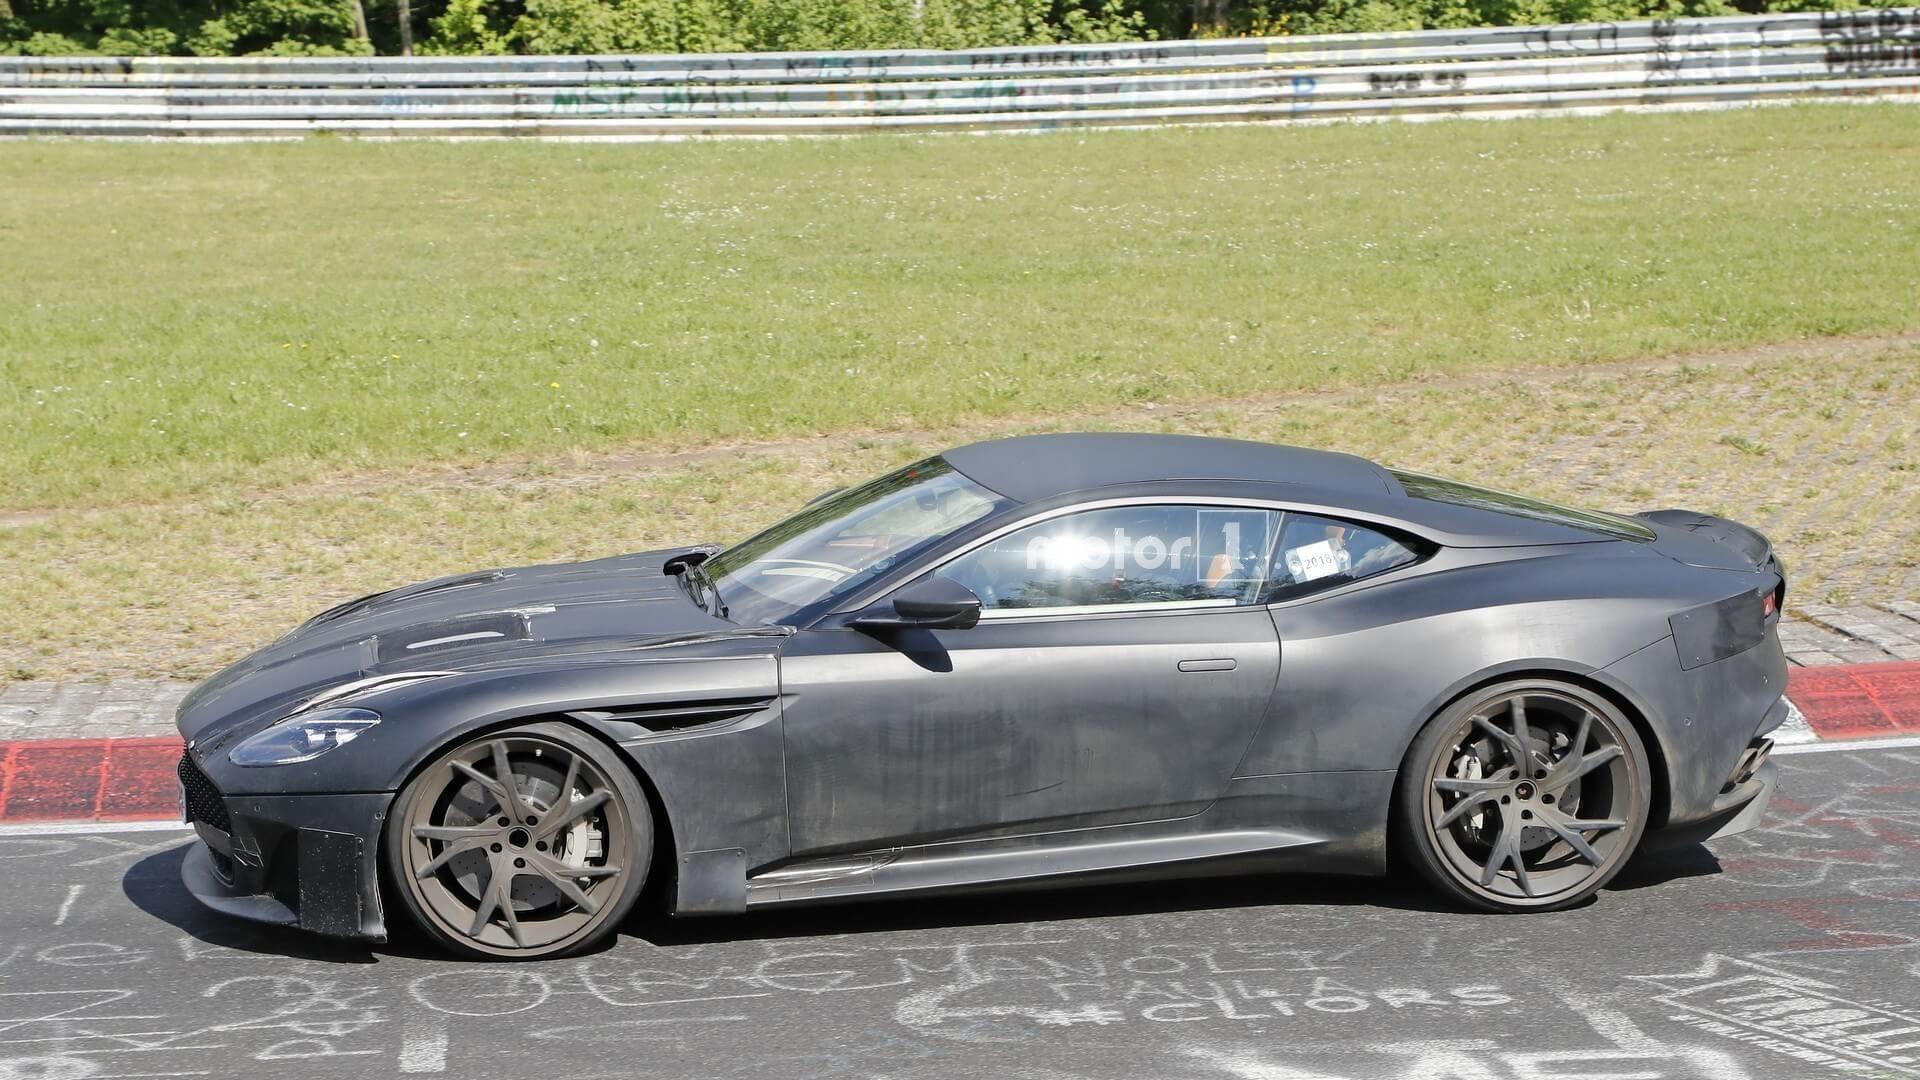 Tra 5 giorni Aston Martin presenterà la nuova DBS Superleggera!